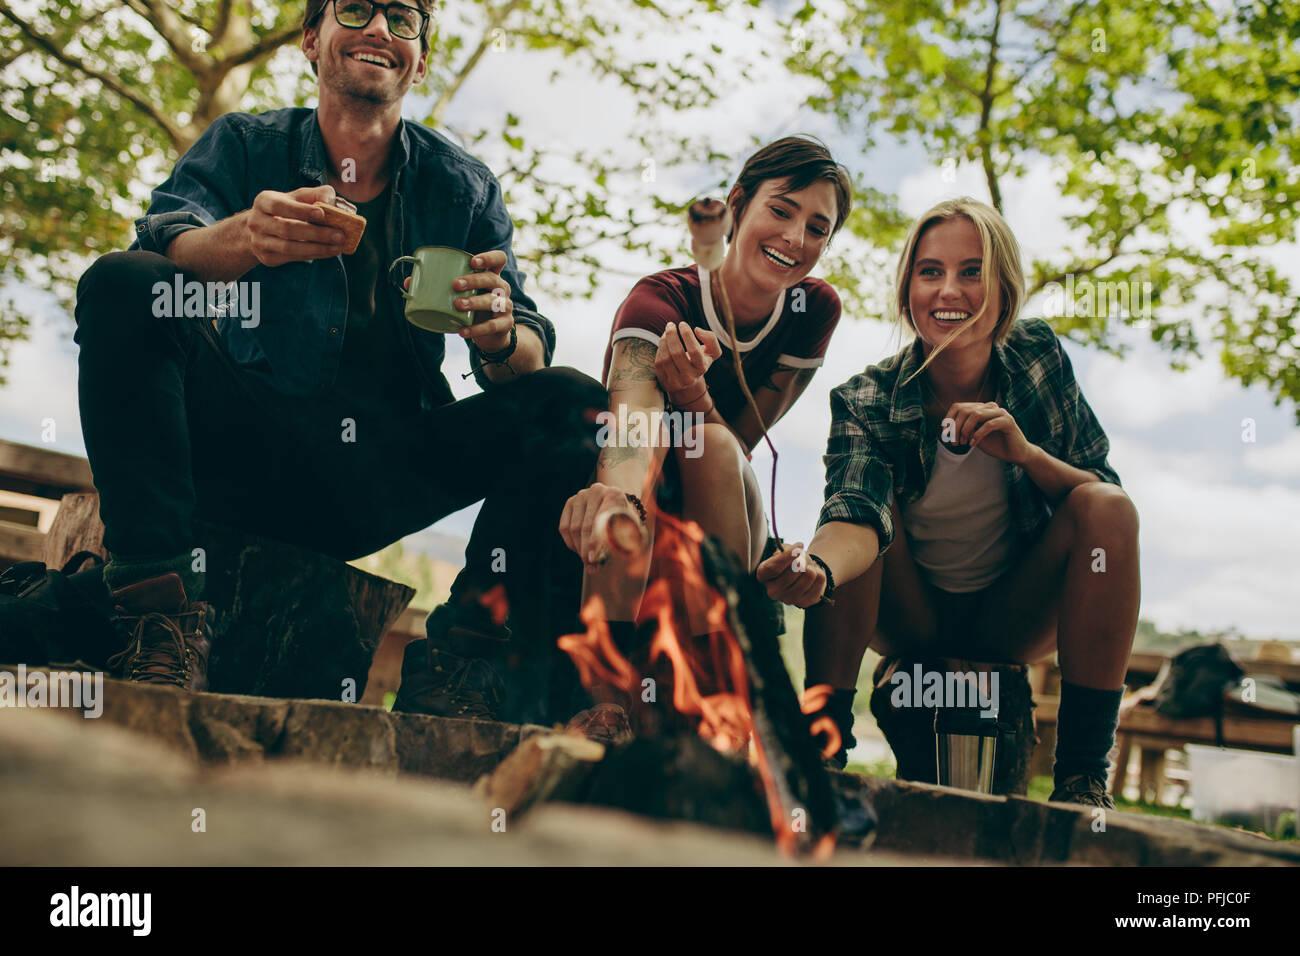 Deux femmes toasting guimauves sur feu de bois à l'aide de bâtons alors qu'un homme est titulaire d'une tasse à café. Smiling friends toasting nourriture sur feu dans la campagne. Photo Stock